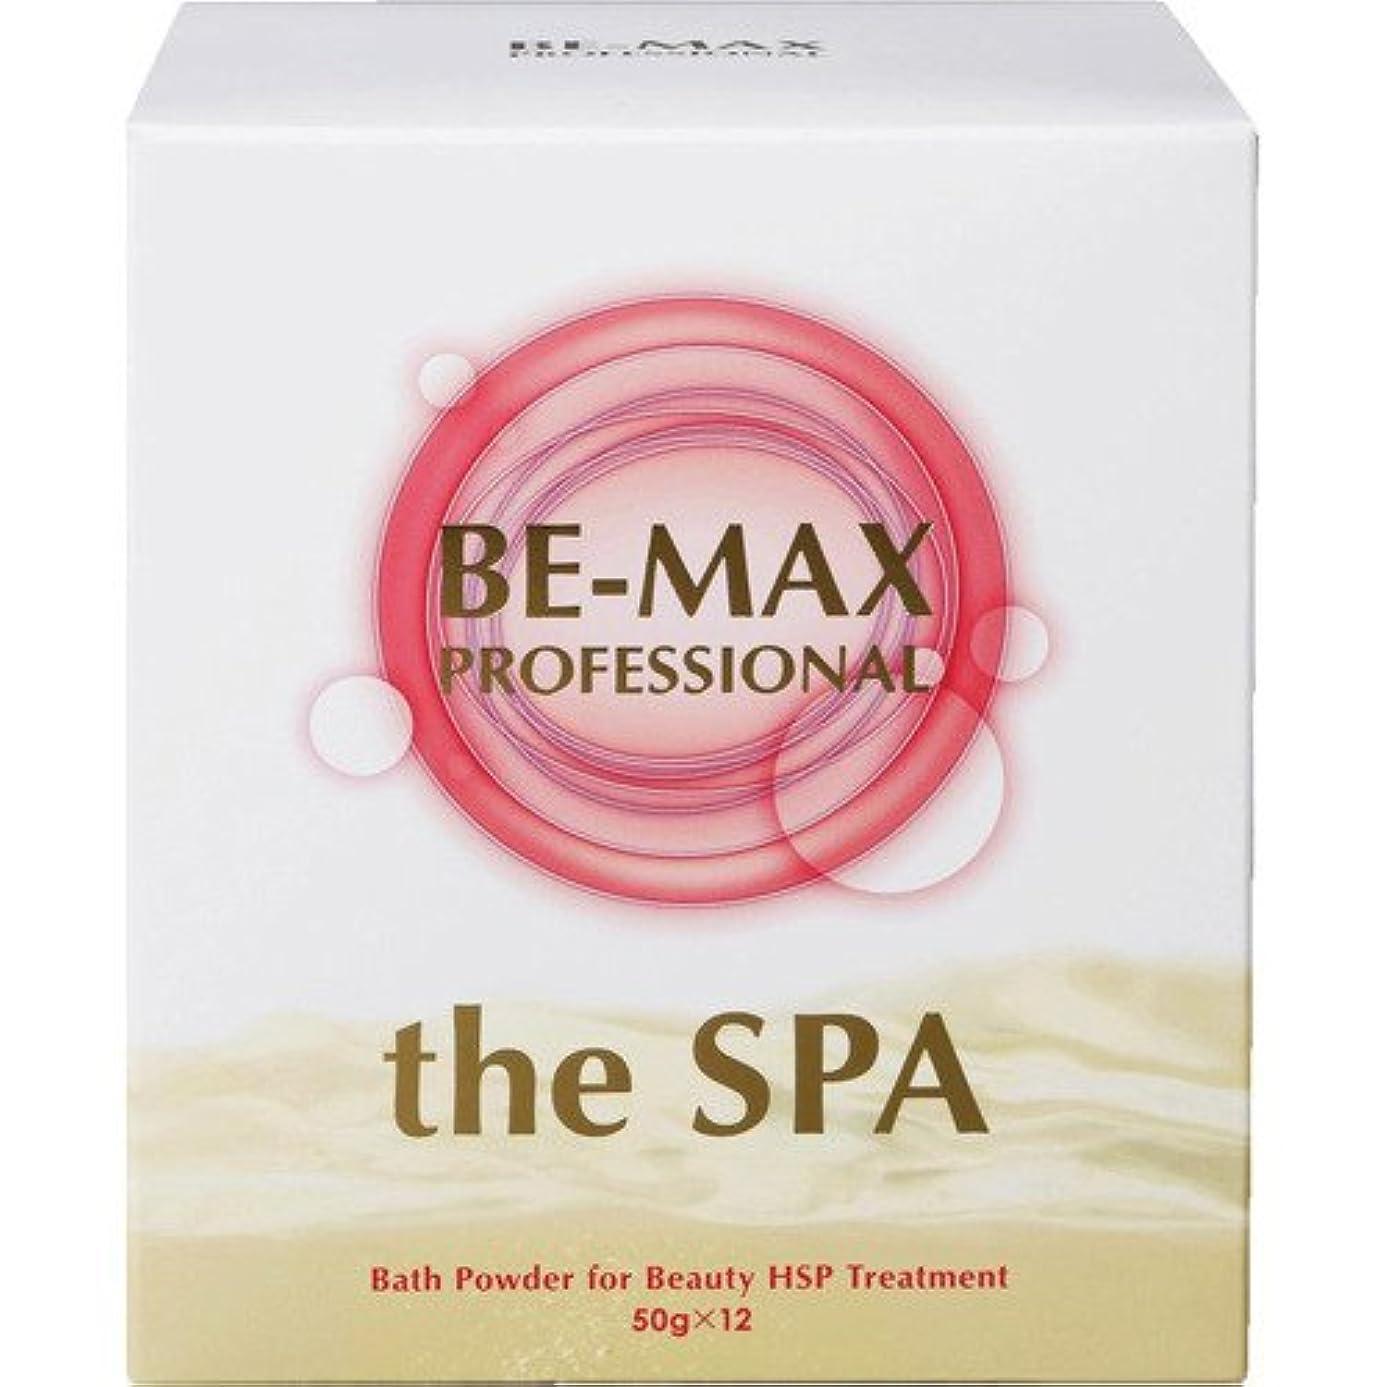 レースアシスト一緒BE-MAX the SPA 入浴剤 柑橘系ハーブ精油がふわりと香る微炭酸湯